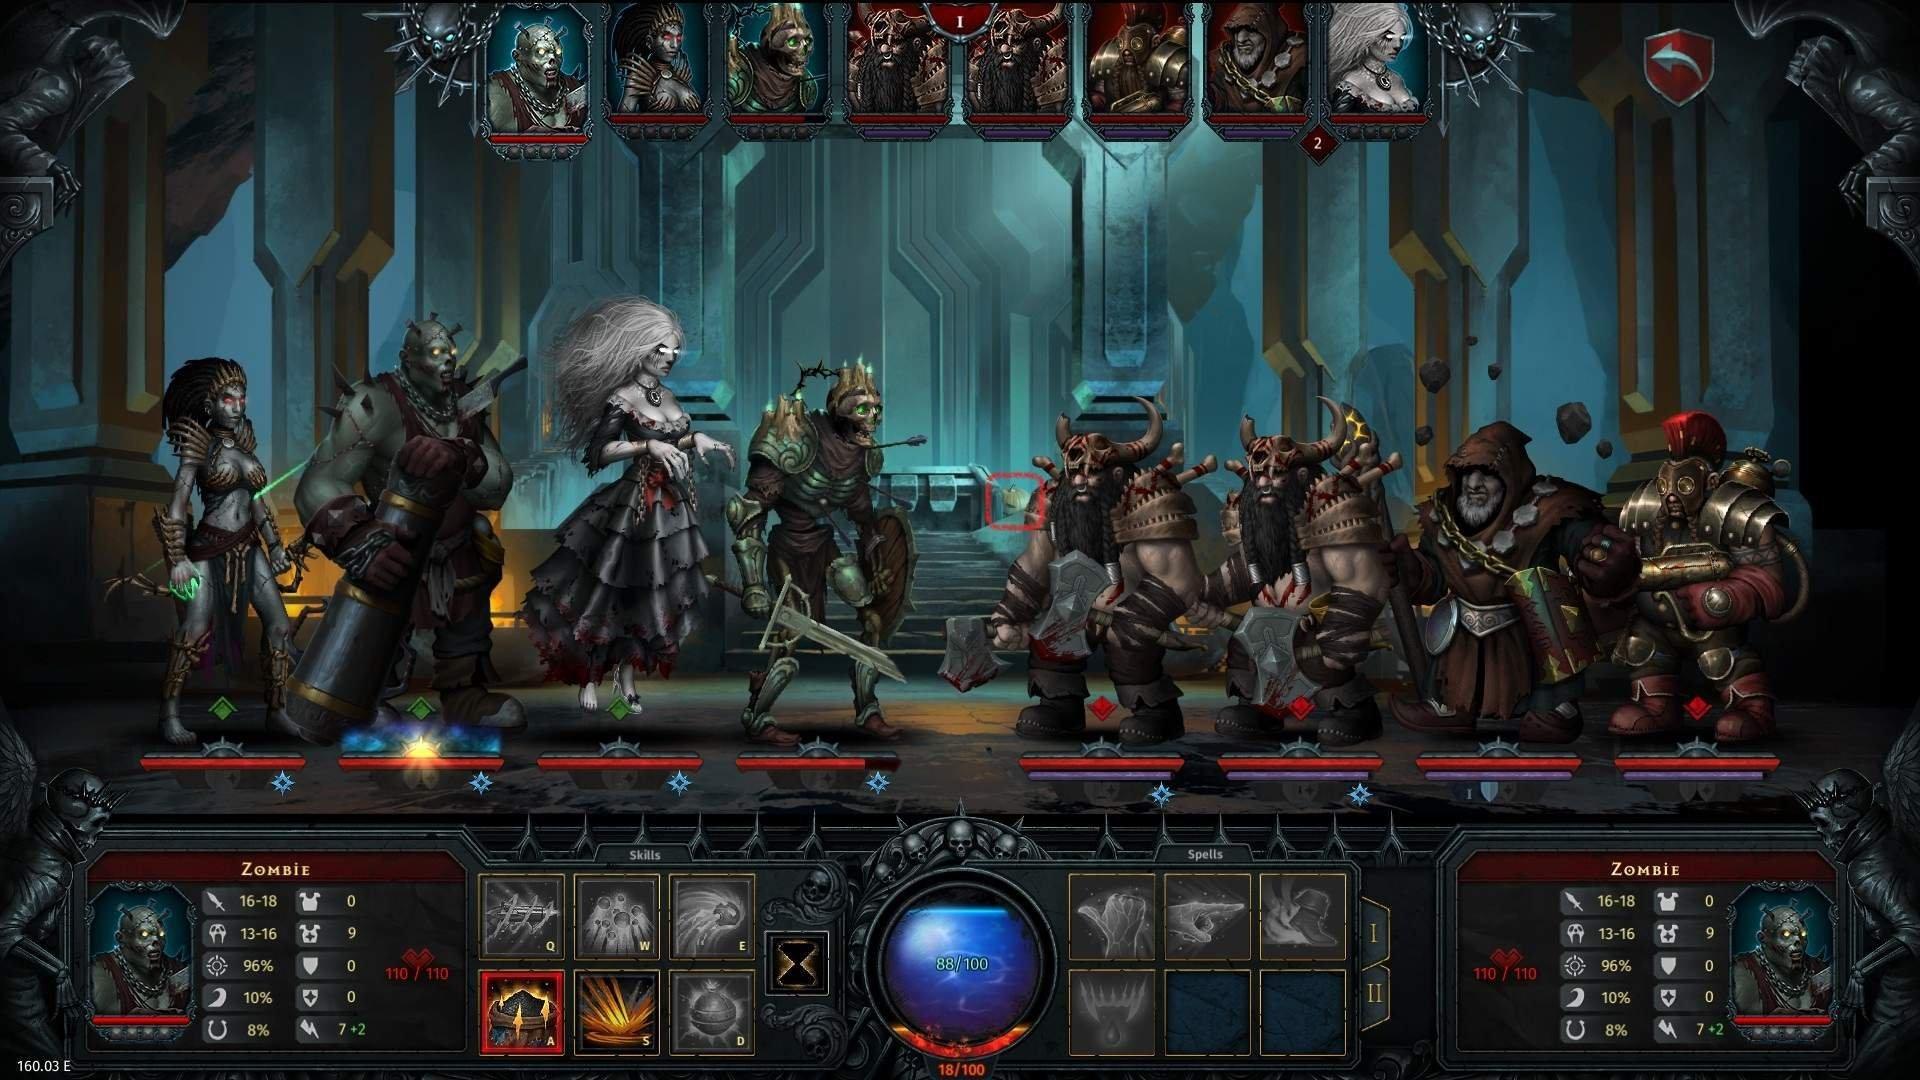 Скриншот к игре Iratus: Lord of the Dead v.160.03.07 [GOG] (Early Access) скачать торрент Лицензия